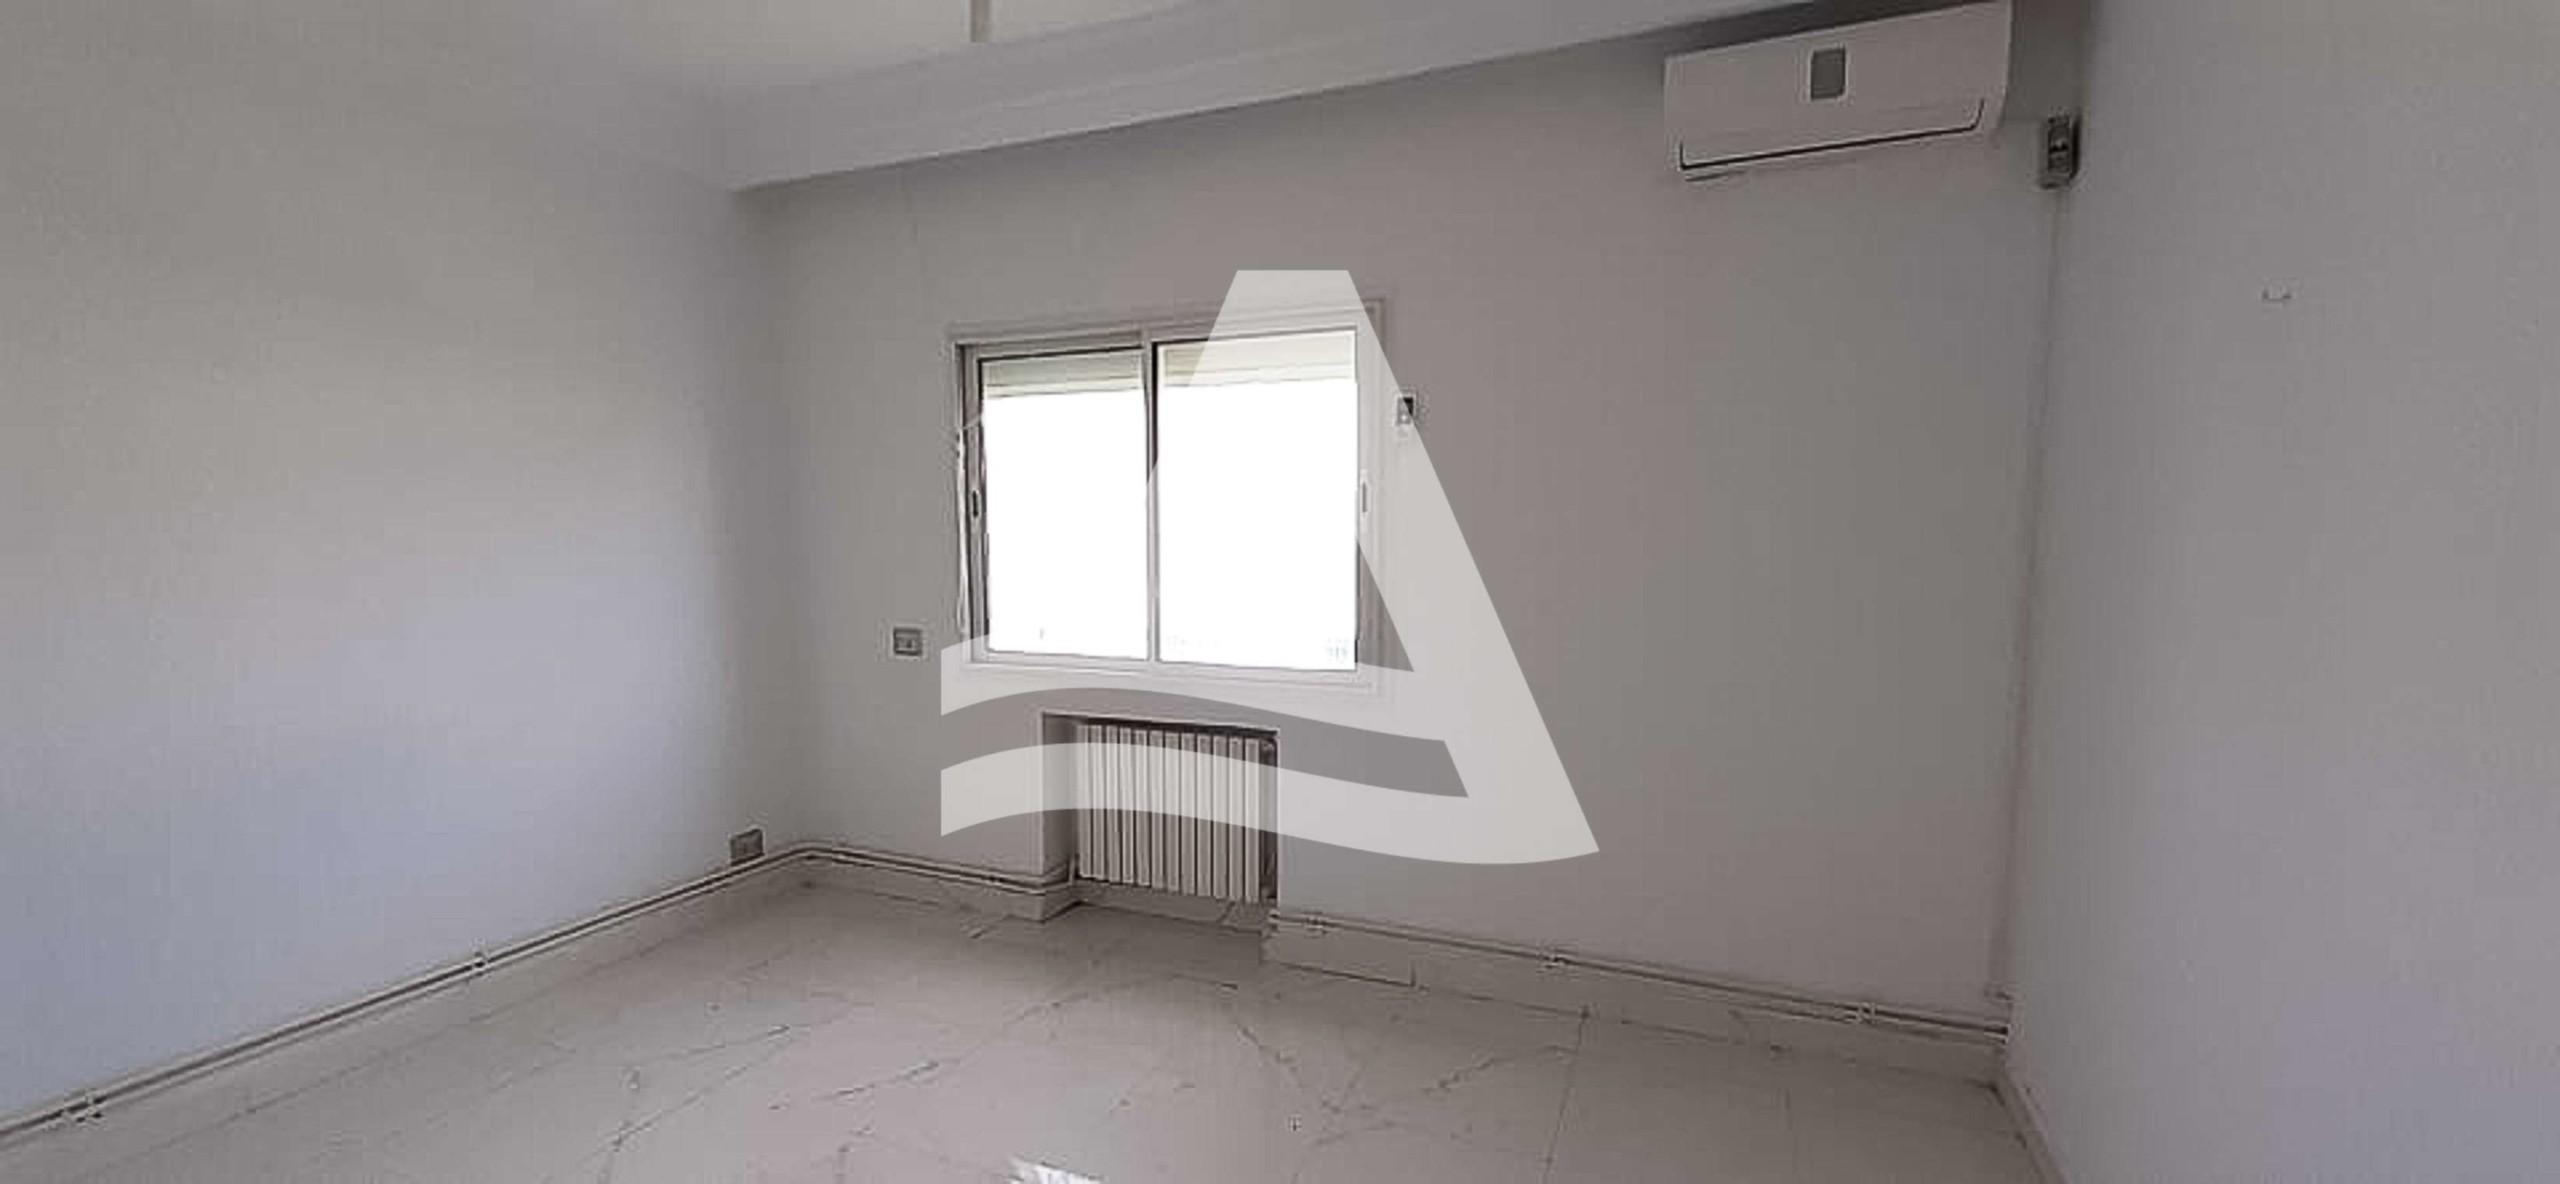 httpss3.amazonaws.comlogimoaws15681162021589016110_Arcane_immobilière_la_Marsa-_location_-_vente_la_marsa__-9